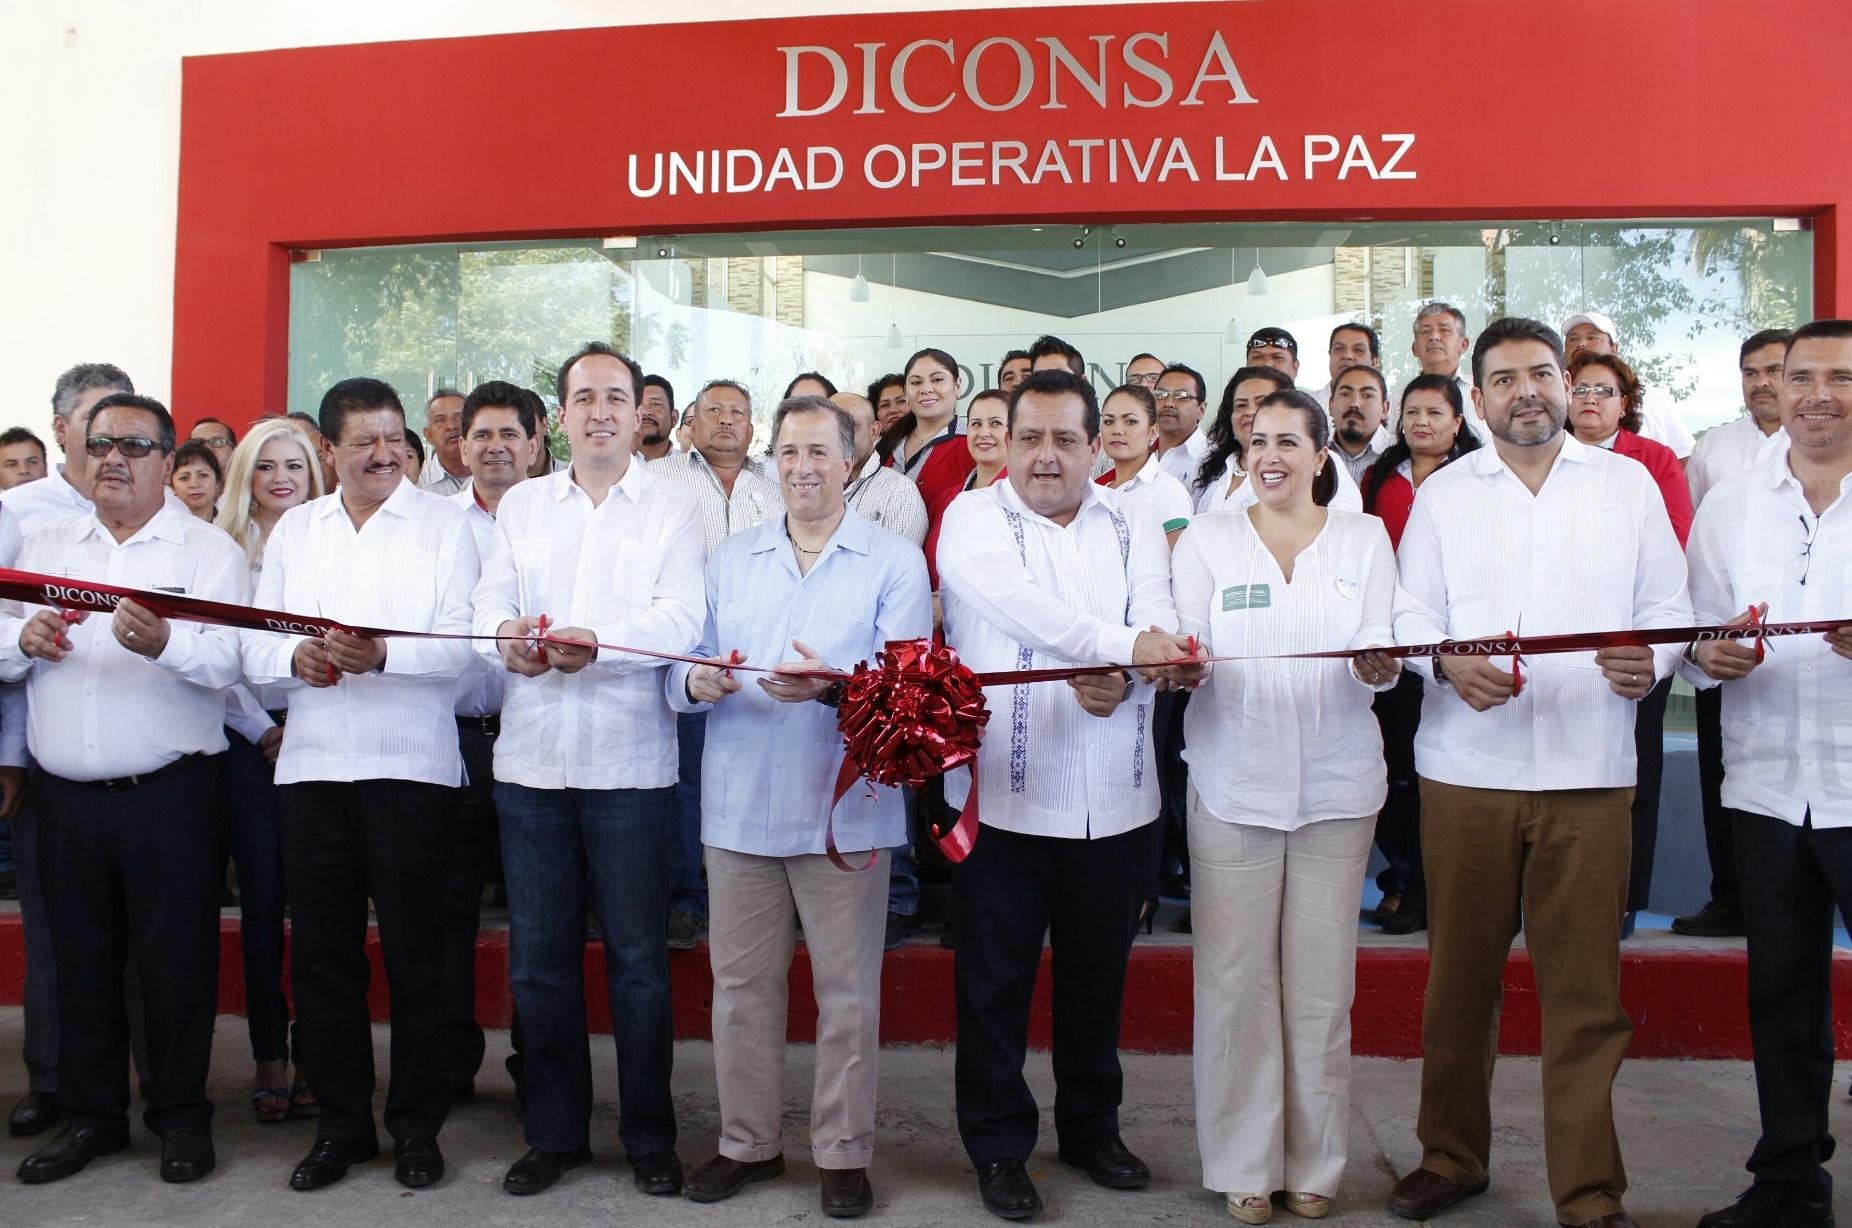 FOTO 1 El titular de Sedesol inaugur  las nuevas instalaciones de Diconsa en la ciudad de La Pazjpg